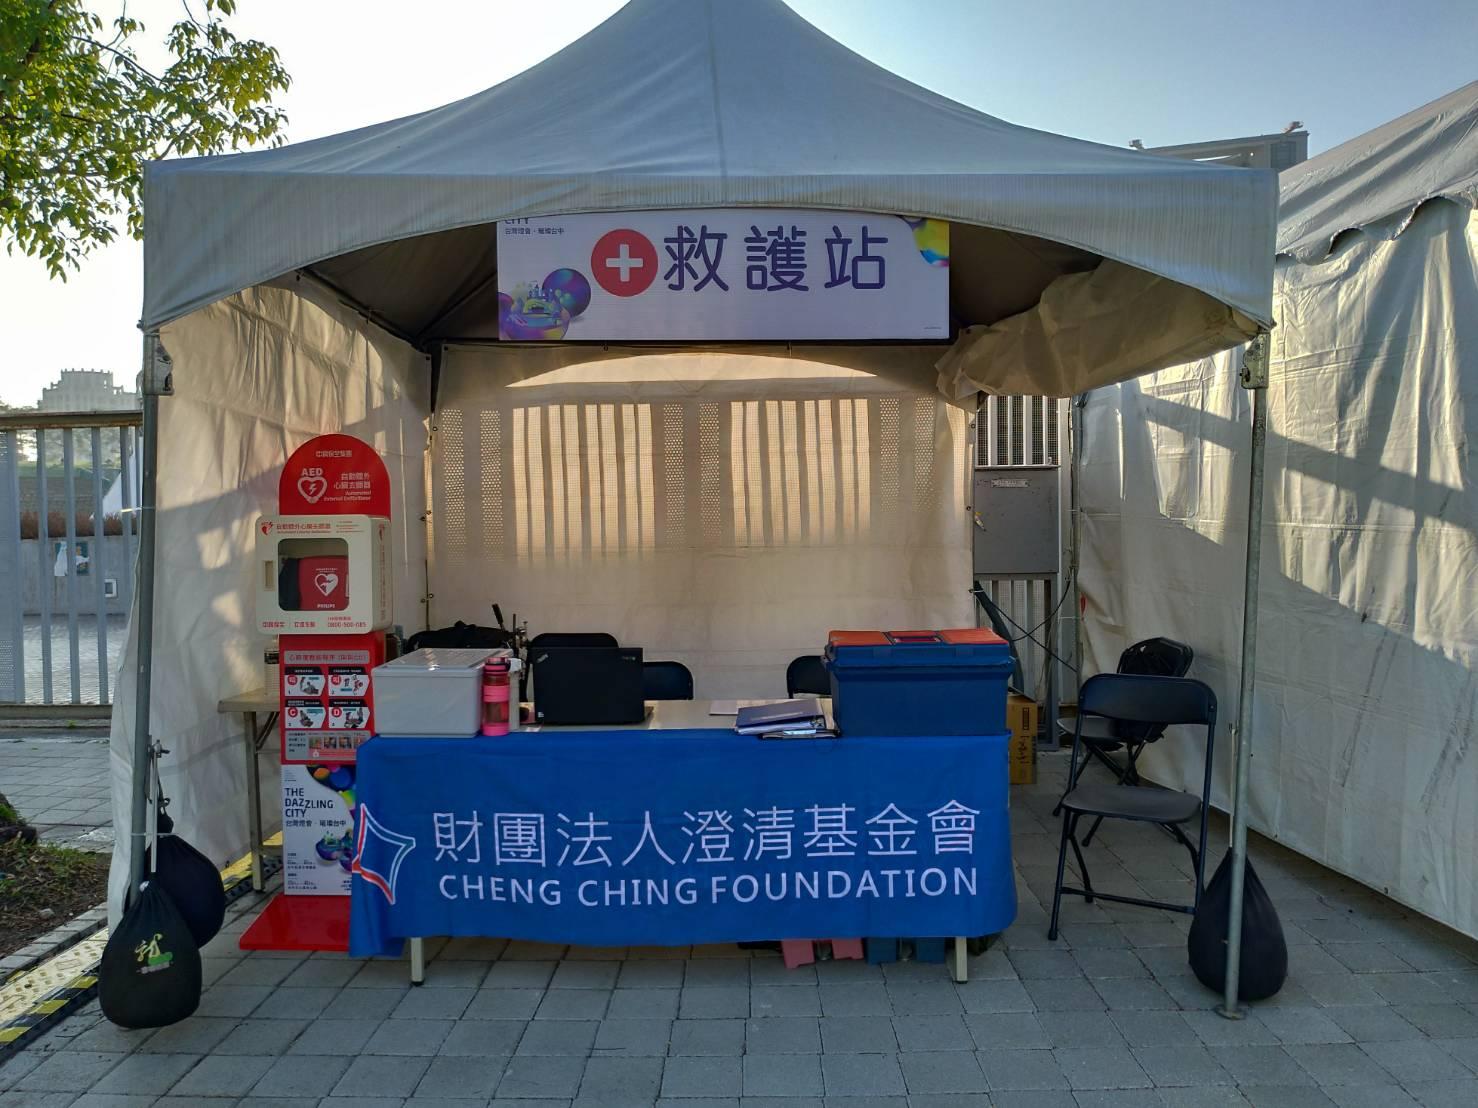 守護燈會遊客 中市設置救護站與救護車輛